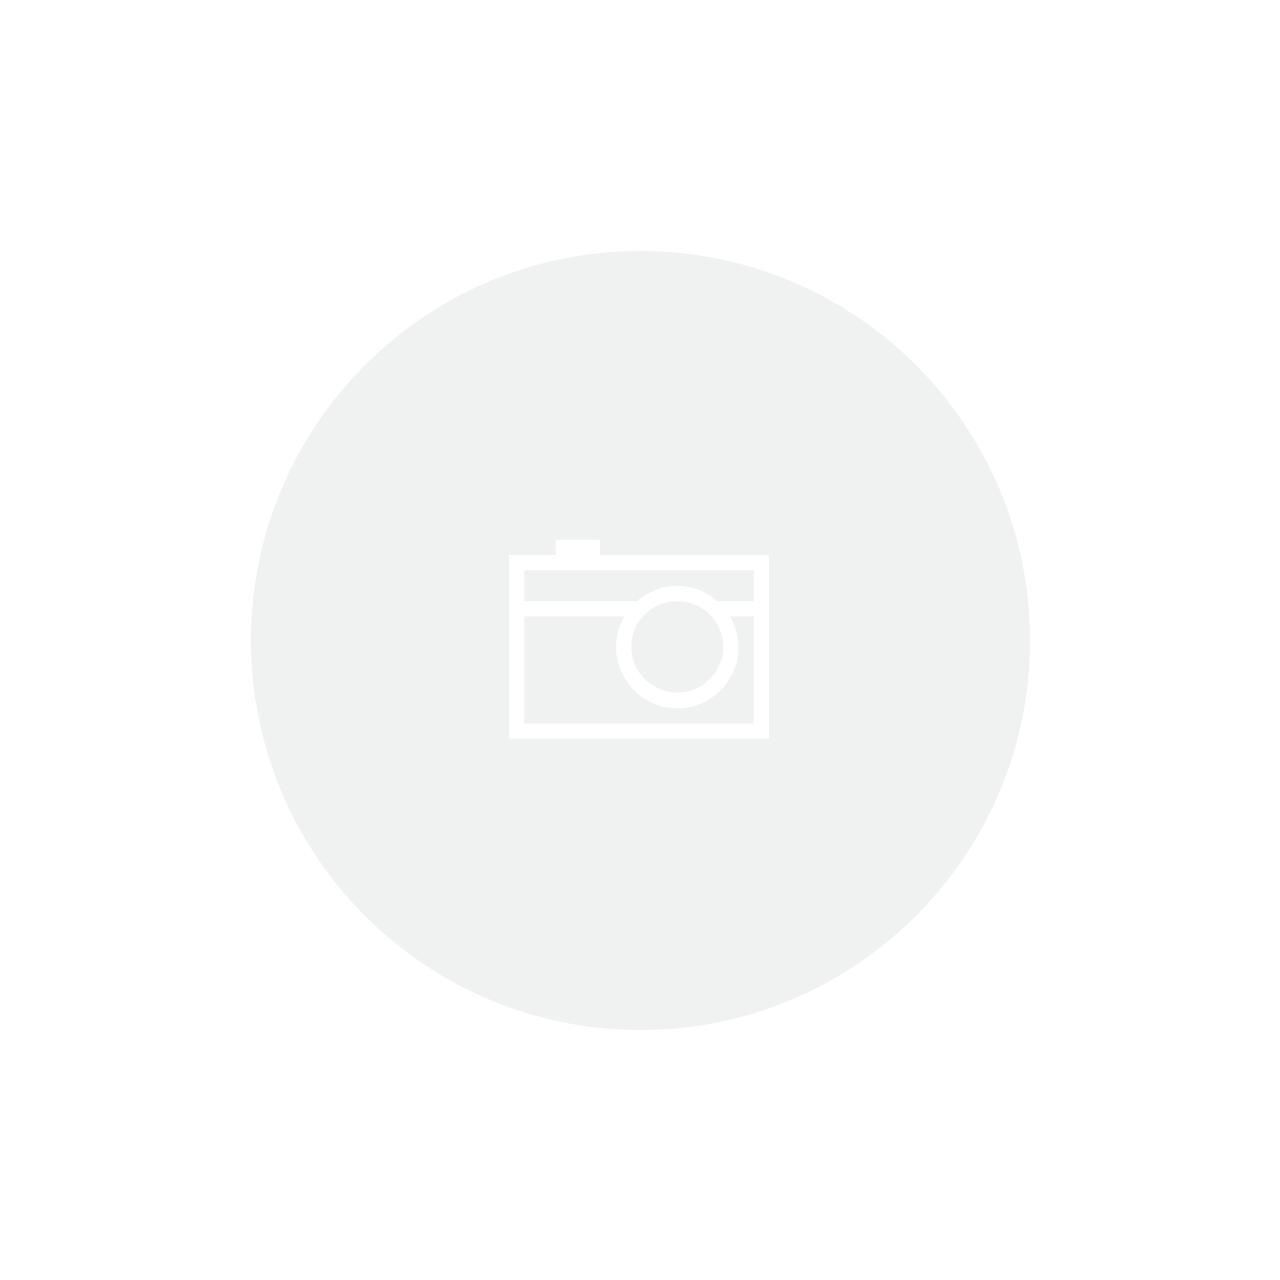 Chinelo Tecido Masculino Beeton Bali M 03